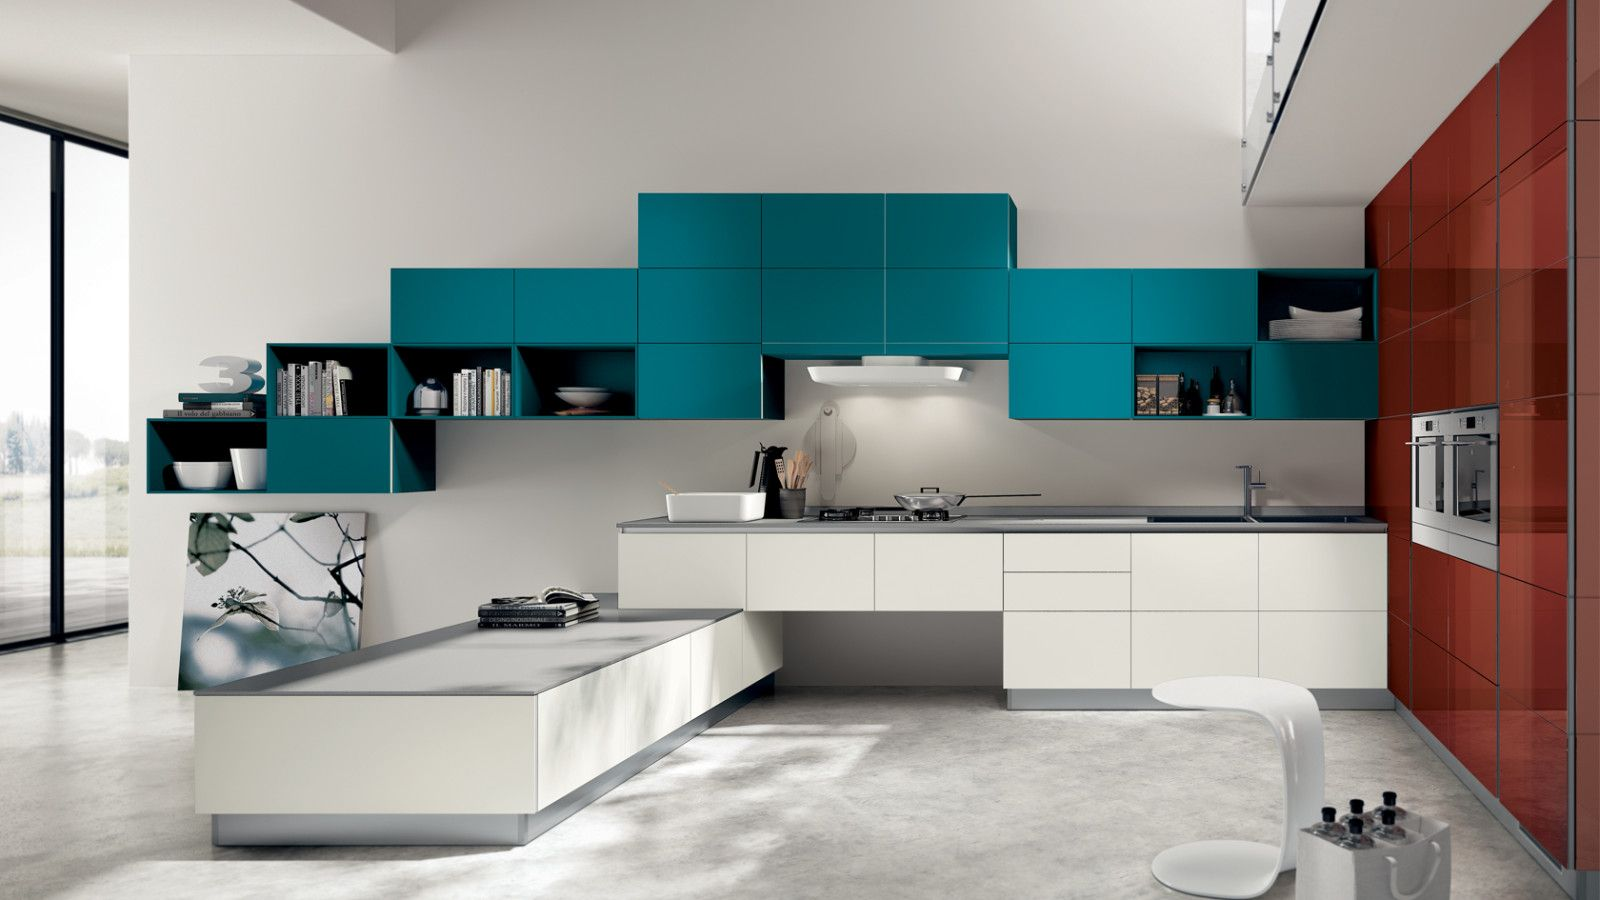 Фото с сайта Roomble.com | design | Pinterest | Kitchen design and ...